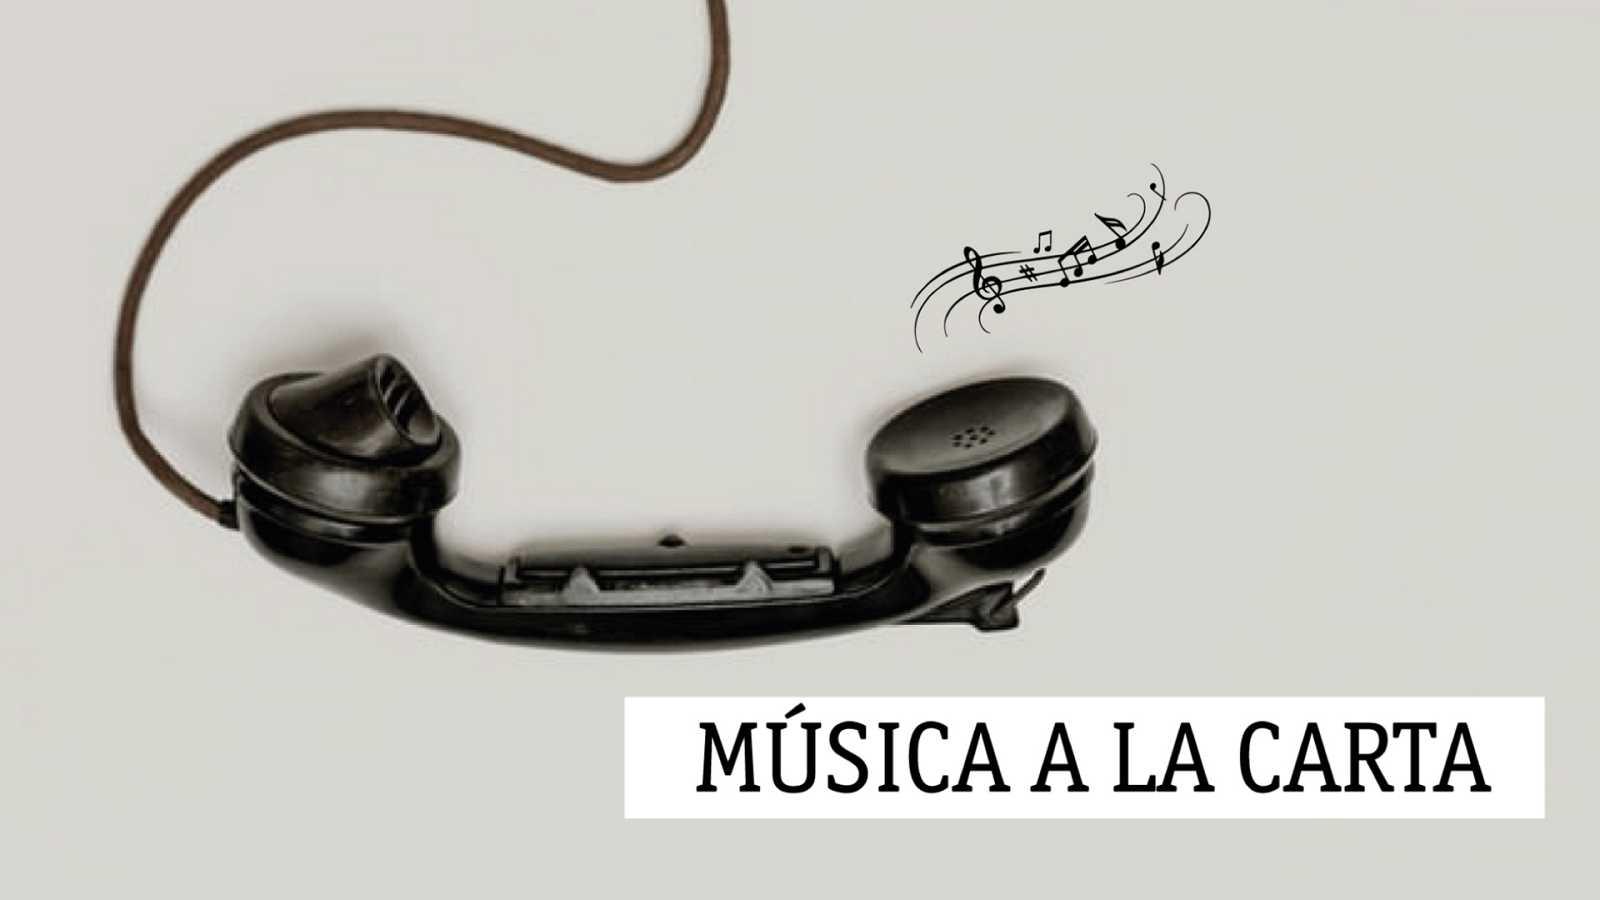 Música a la carta - 09/02/21 - escuchar ahora